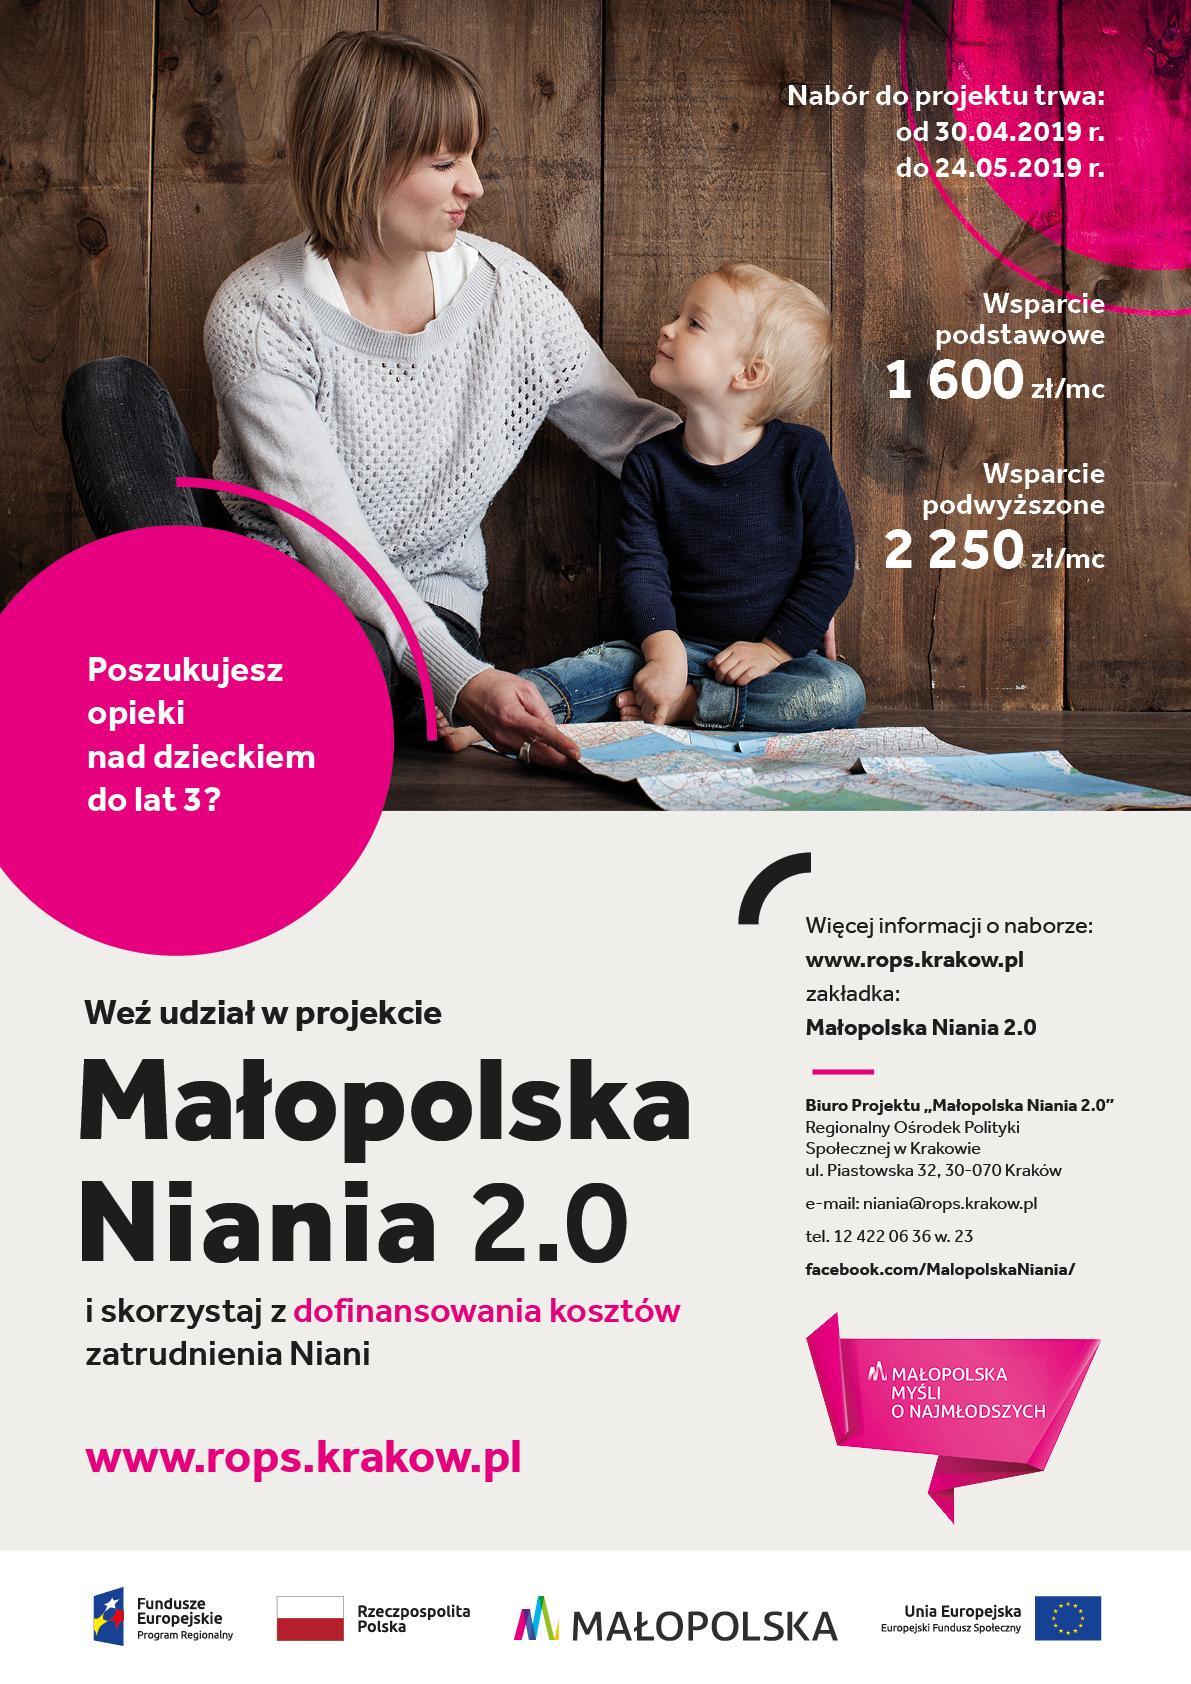 Plakat z informacjami zawartymi w treści artykułu. W tle kobieta, która siedzi obok dziecka i pokazuje mu coś na mapie. Poniżej logotypy: Fundusze Europejskie Program Regionalny, Rzeczpospolita Polska, Małopolska, Unia Europejska Europejski Fundusz Społeczny